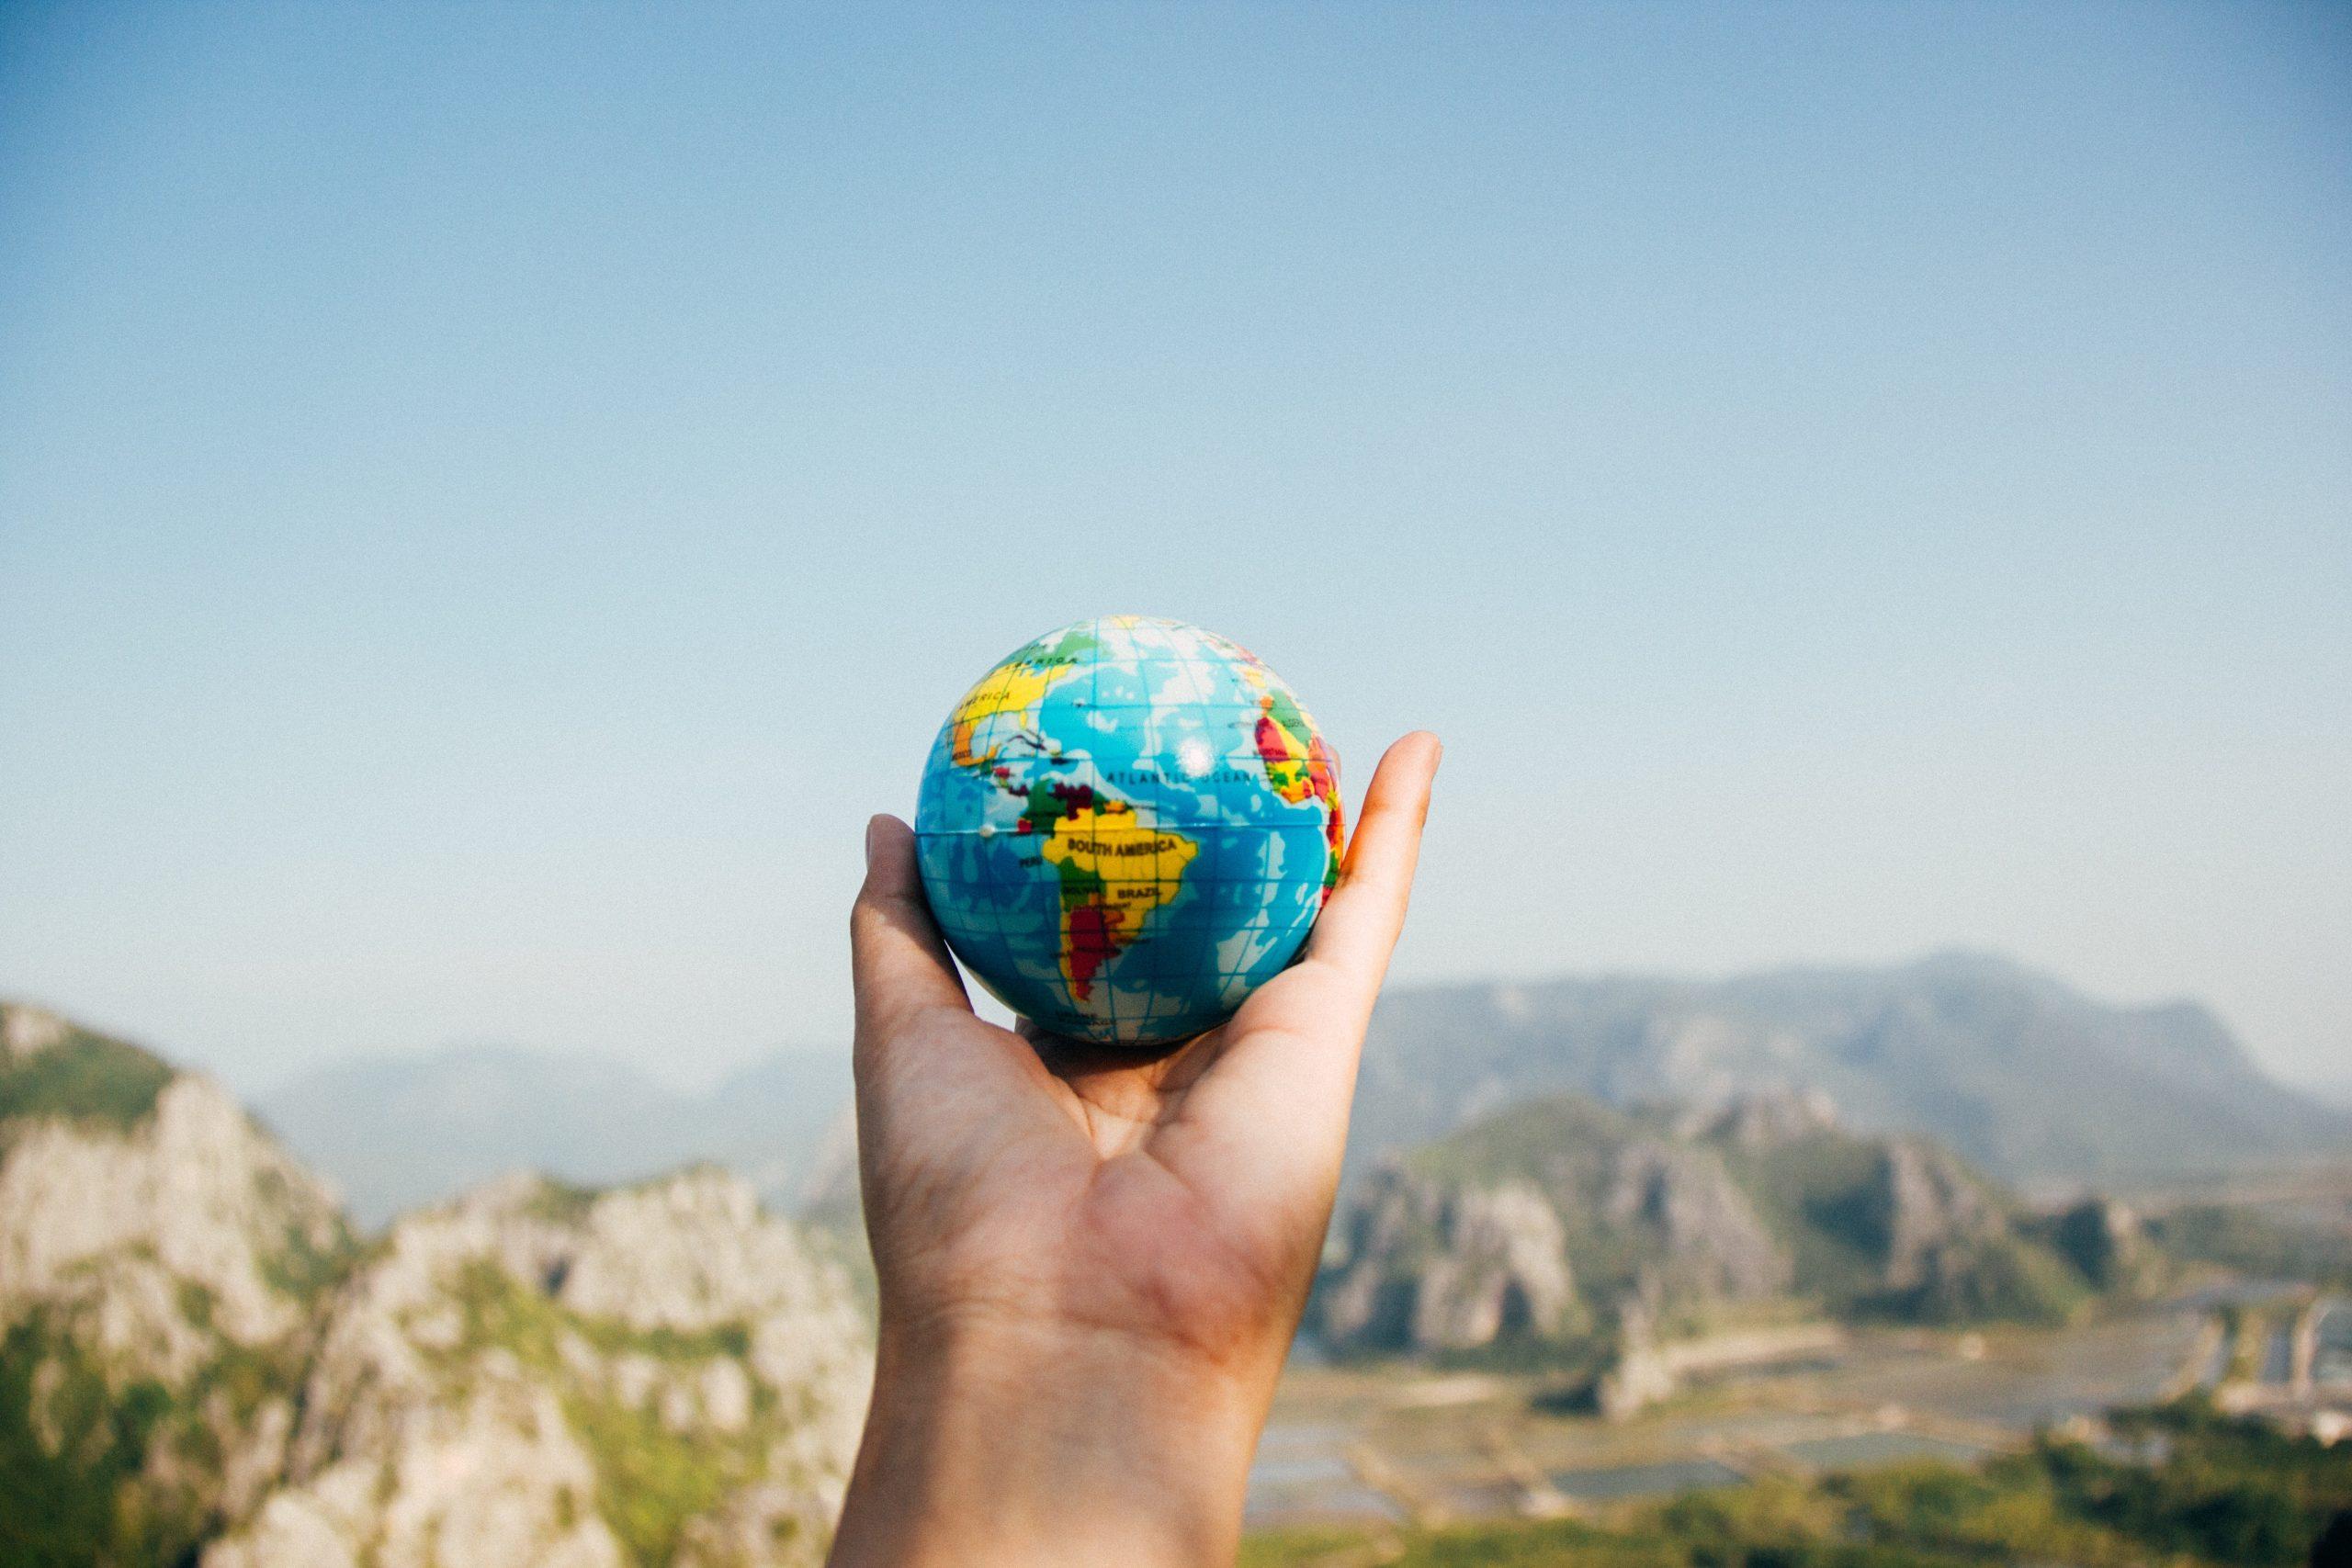 Técnico de Turismo Ambiental e Rural - ETPS - FORMAÇÃO PROFISSIONAL